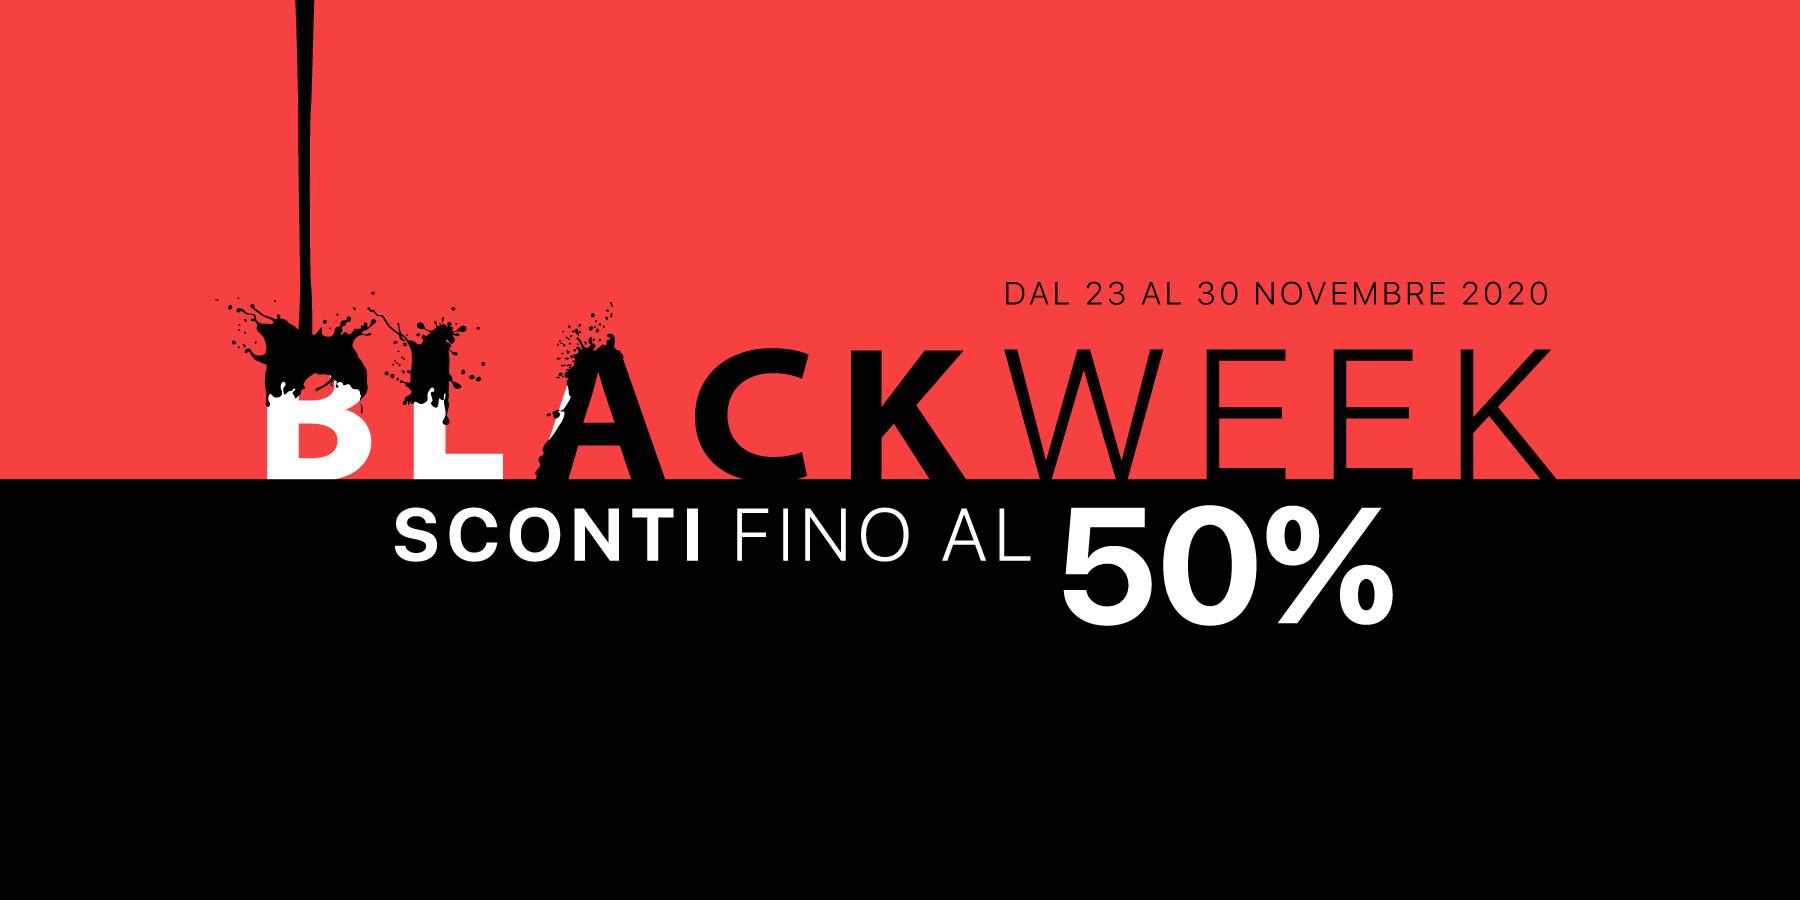 Black Week 2020 - Sconti fino al 50%